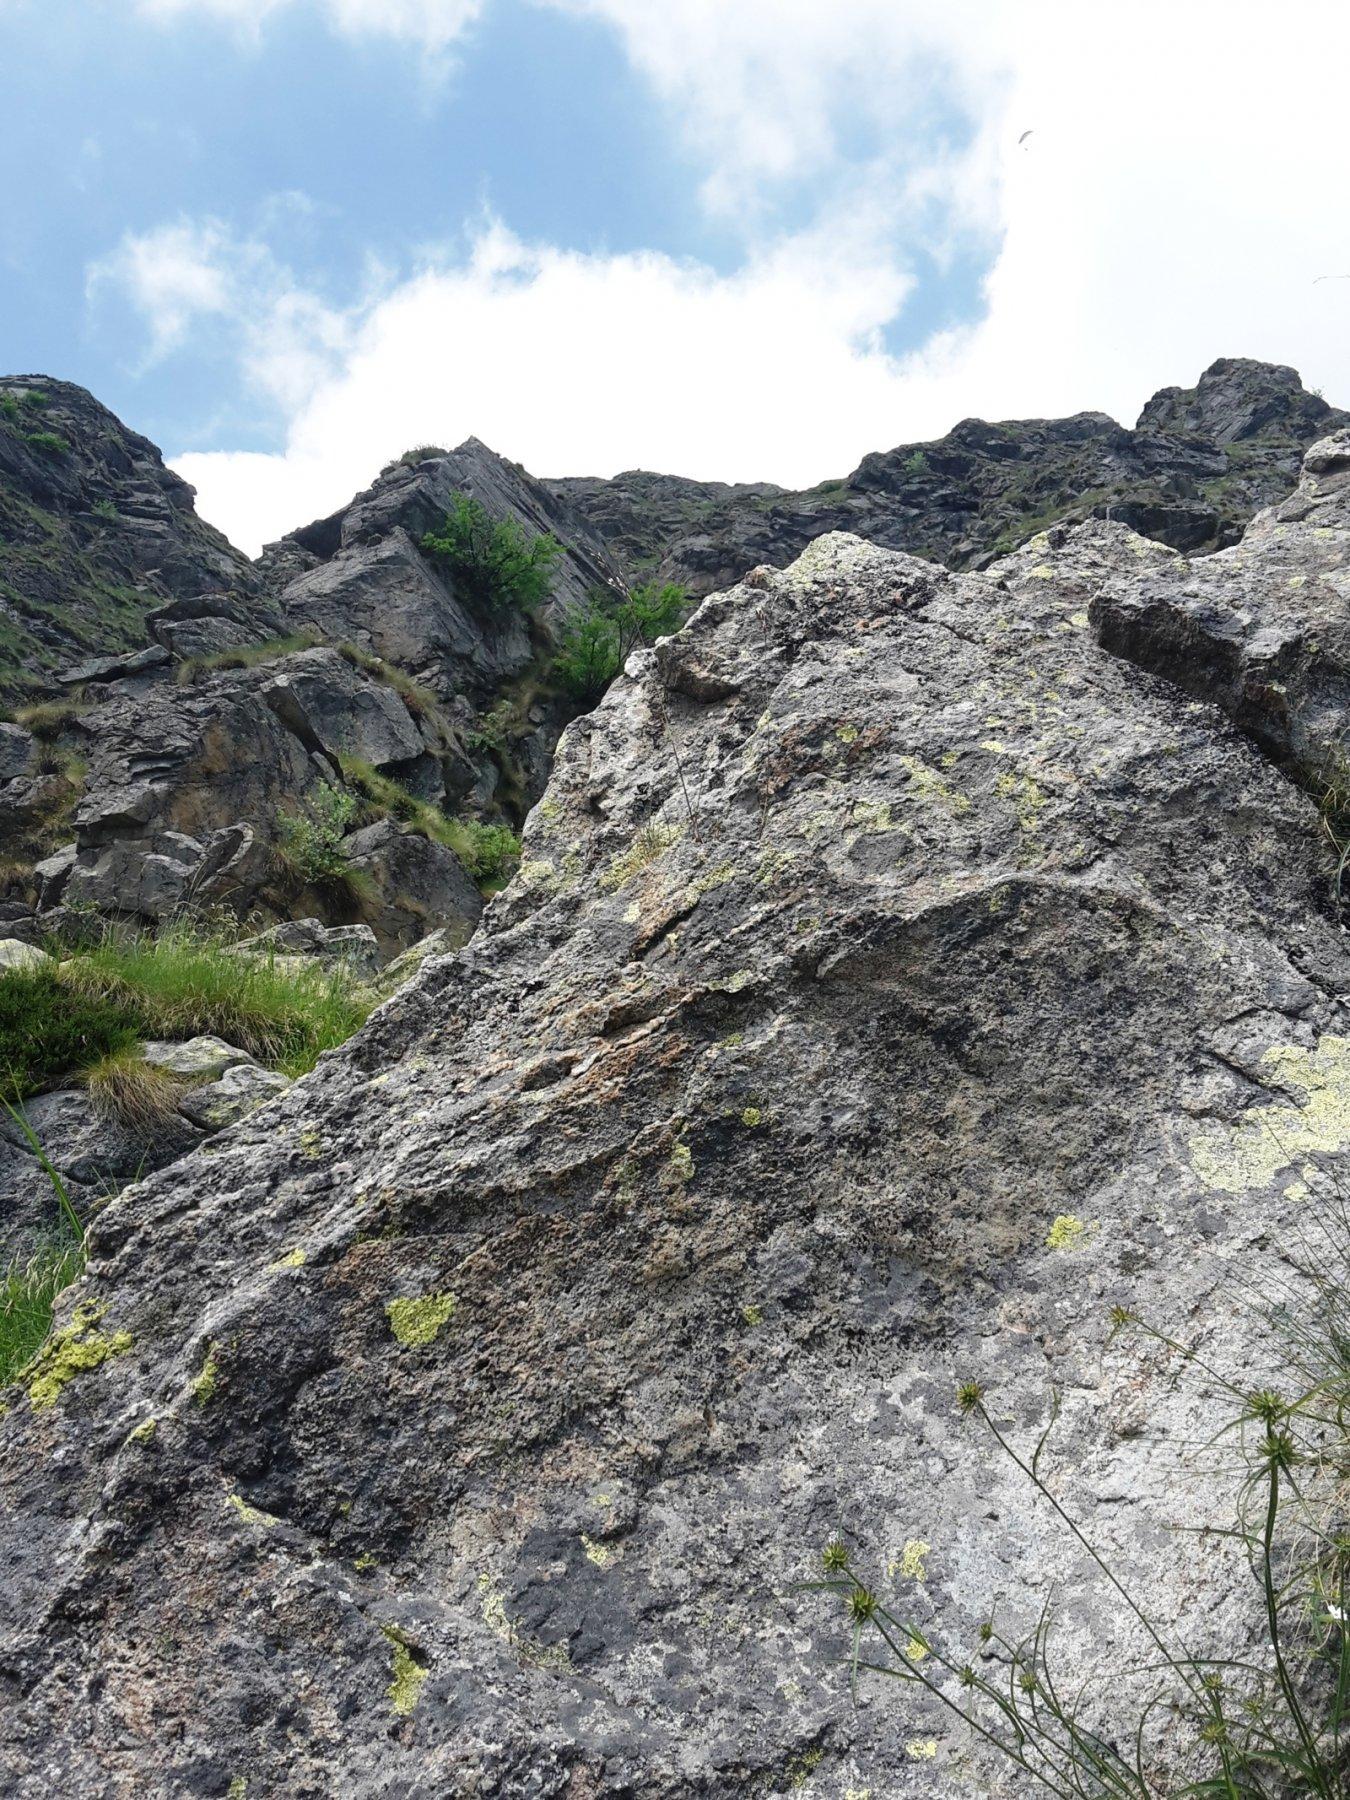 gli speroni di roccia superiori, dal primo tiro